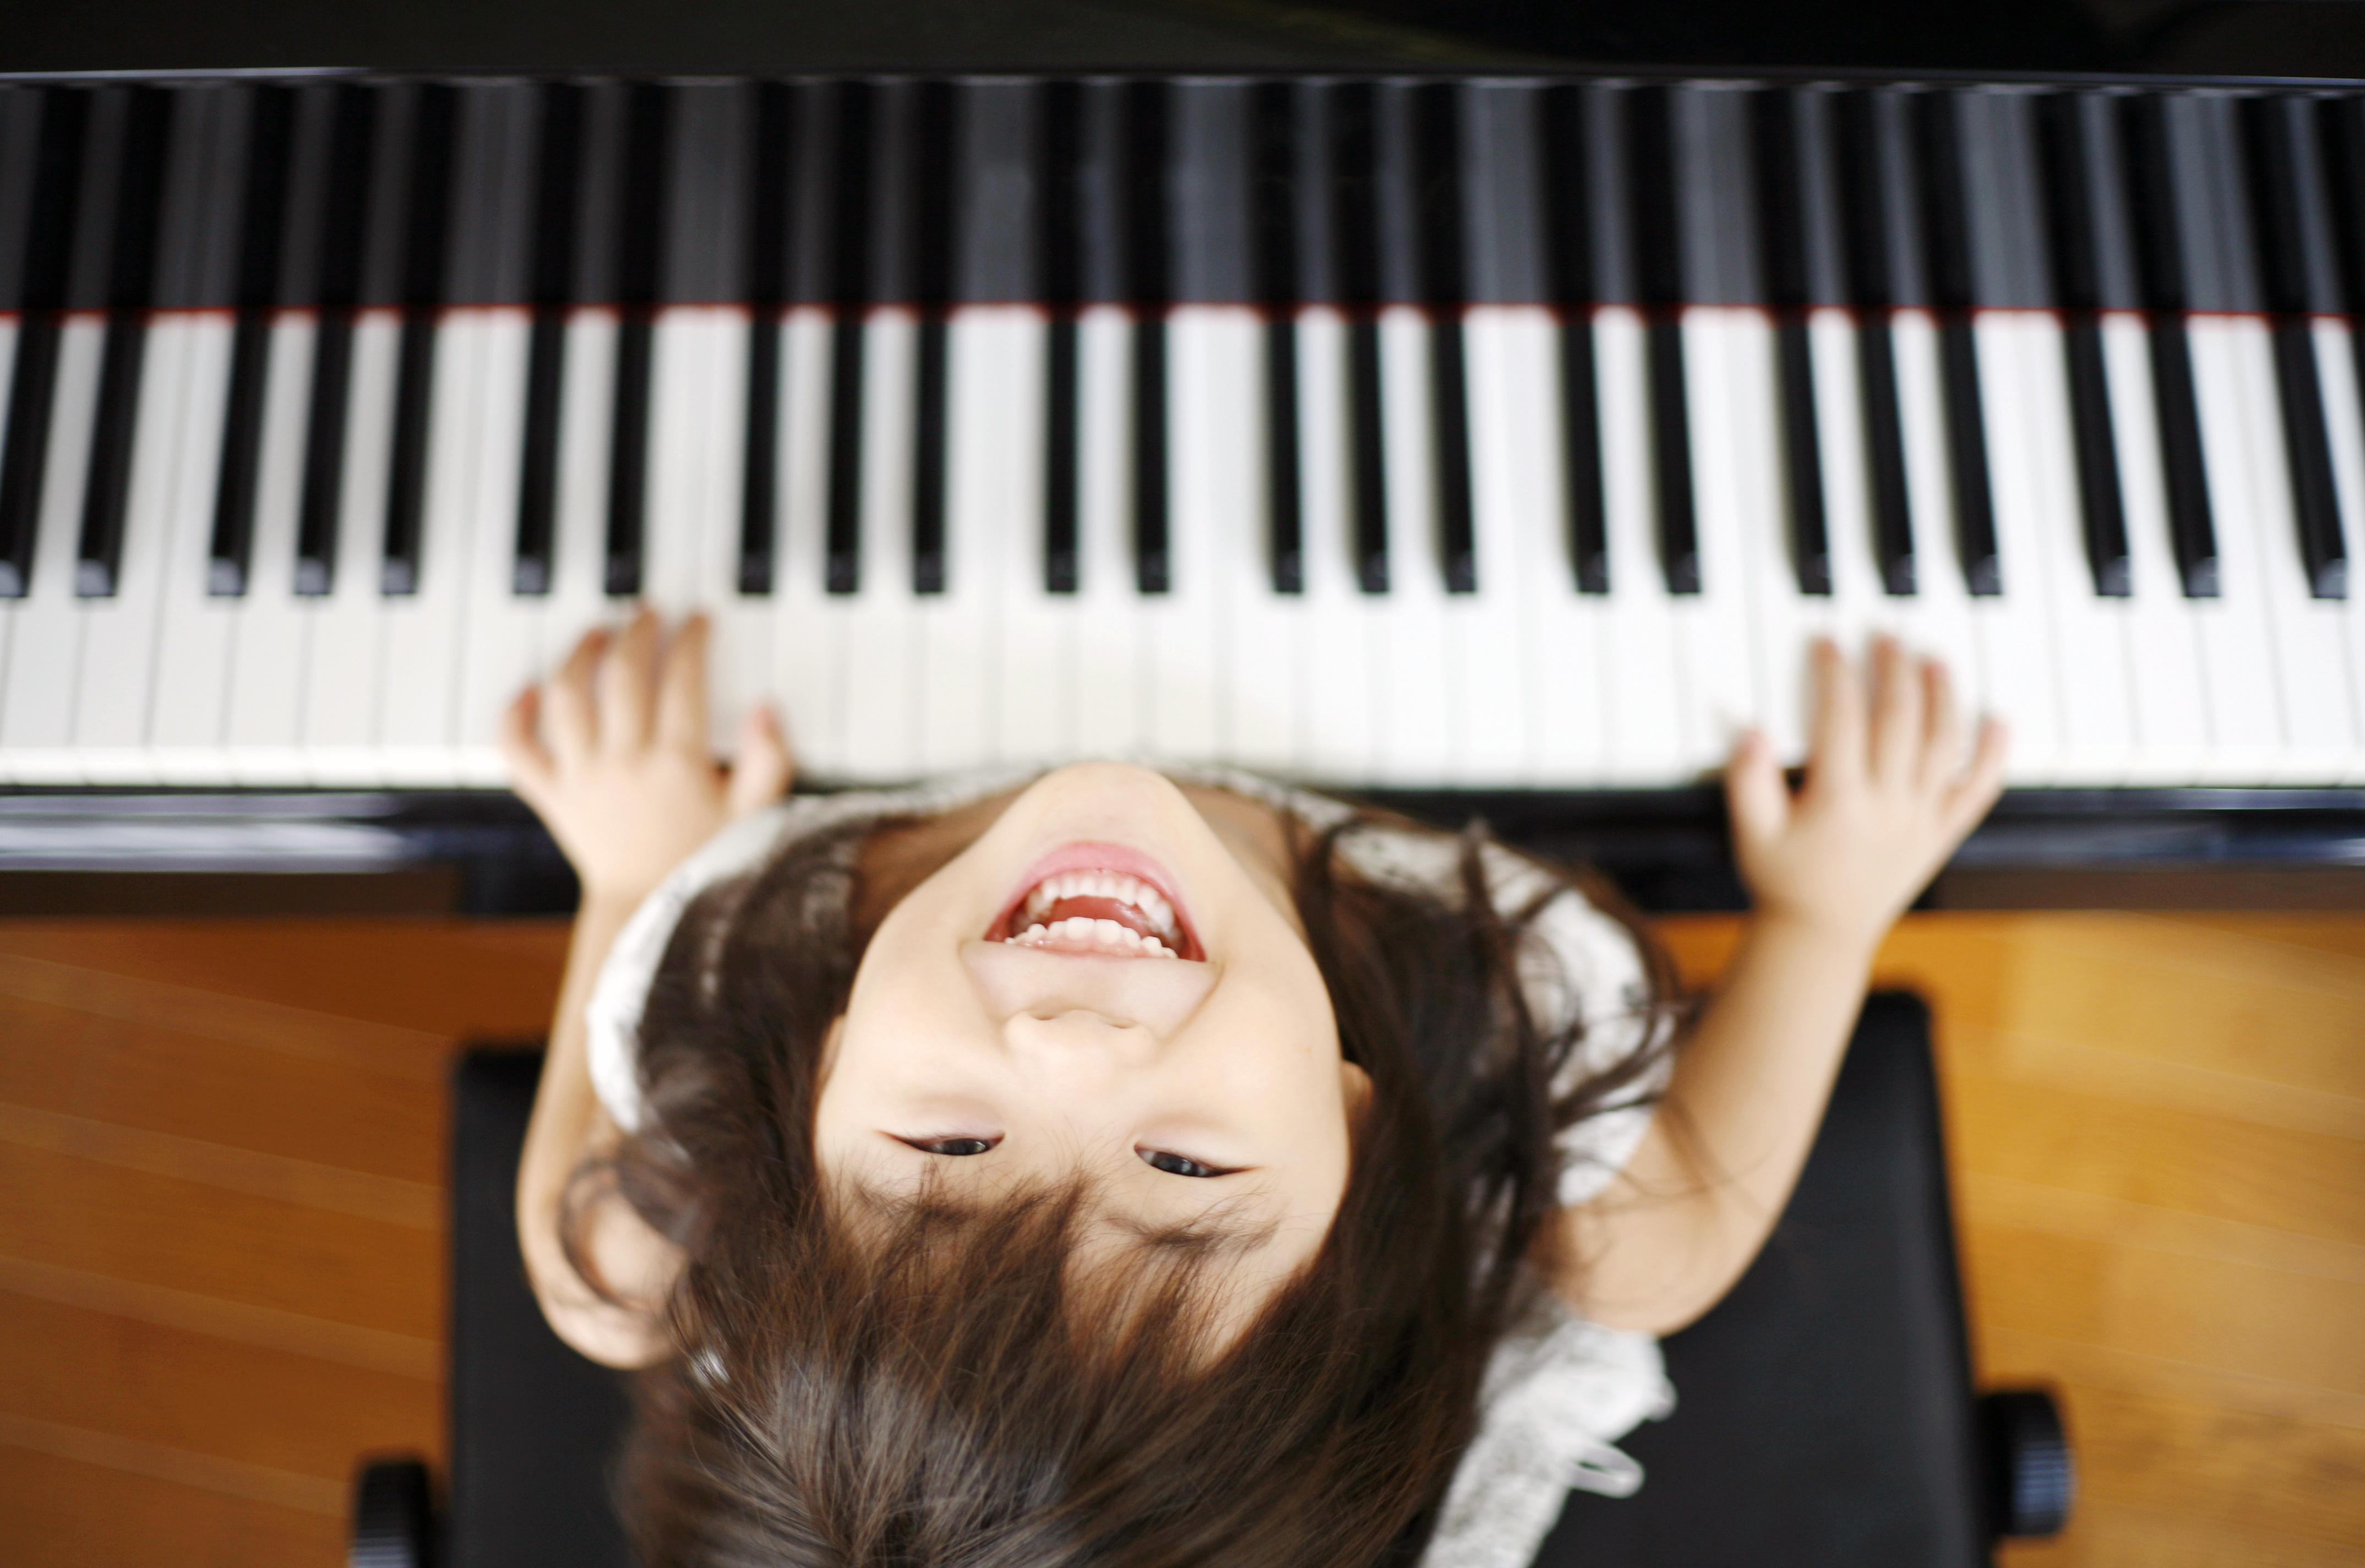 |ピアノ教室・趣味・初心者も楽しい-ヤマハジュニアコース・大人のピアノレッスン-[刈谷・高浜・岡崎・知立・安城]